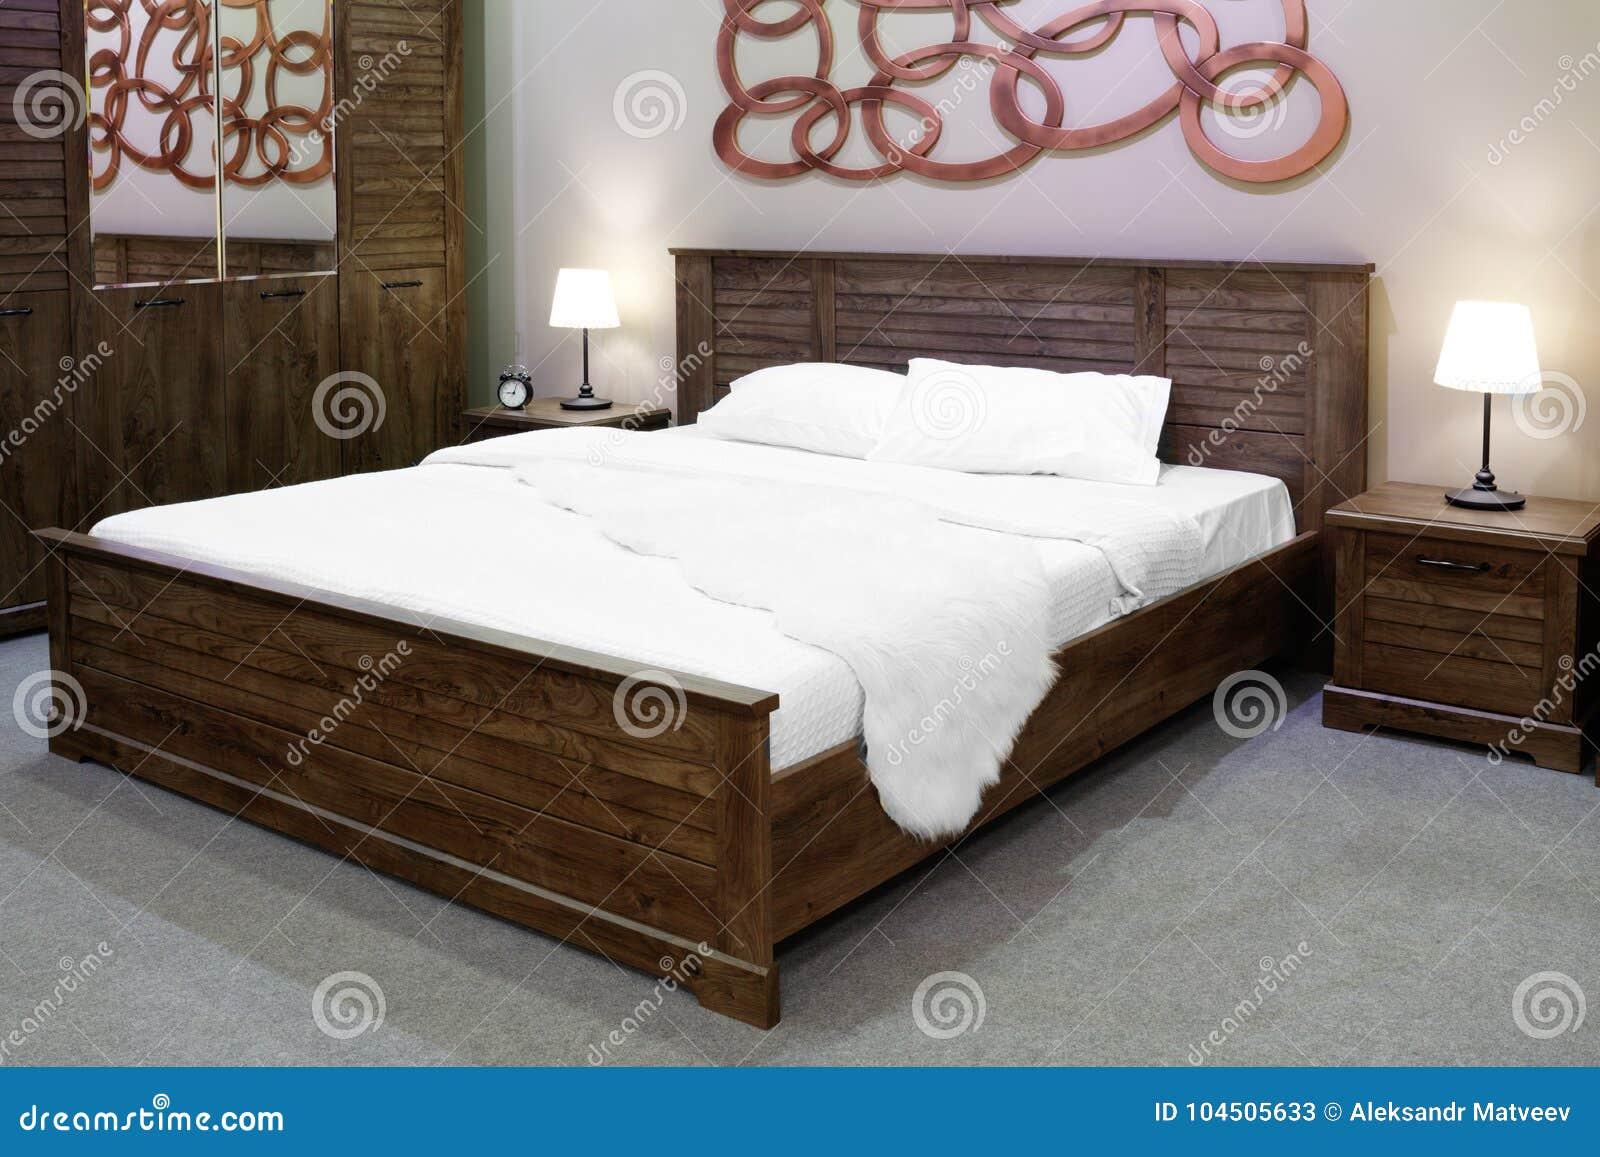 Charmant Download Modernes Und Hölzernes Rustikales Artluxusschlafzimmer In Den  Braunen Und Beige Tönen, Innenraum Eines Hotelschlafzimmers